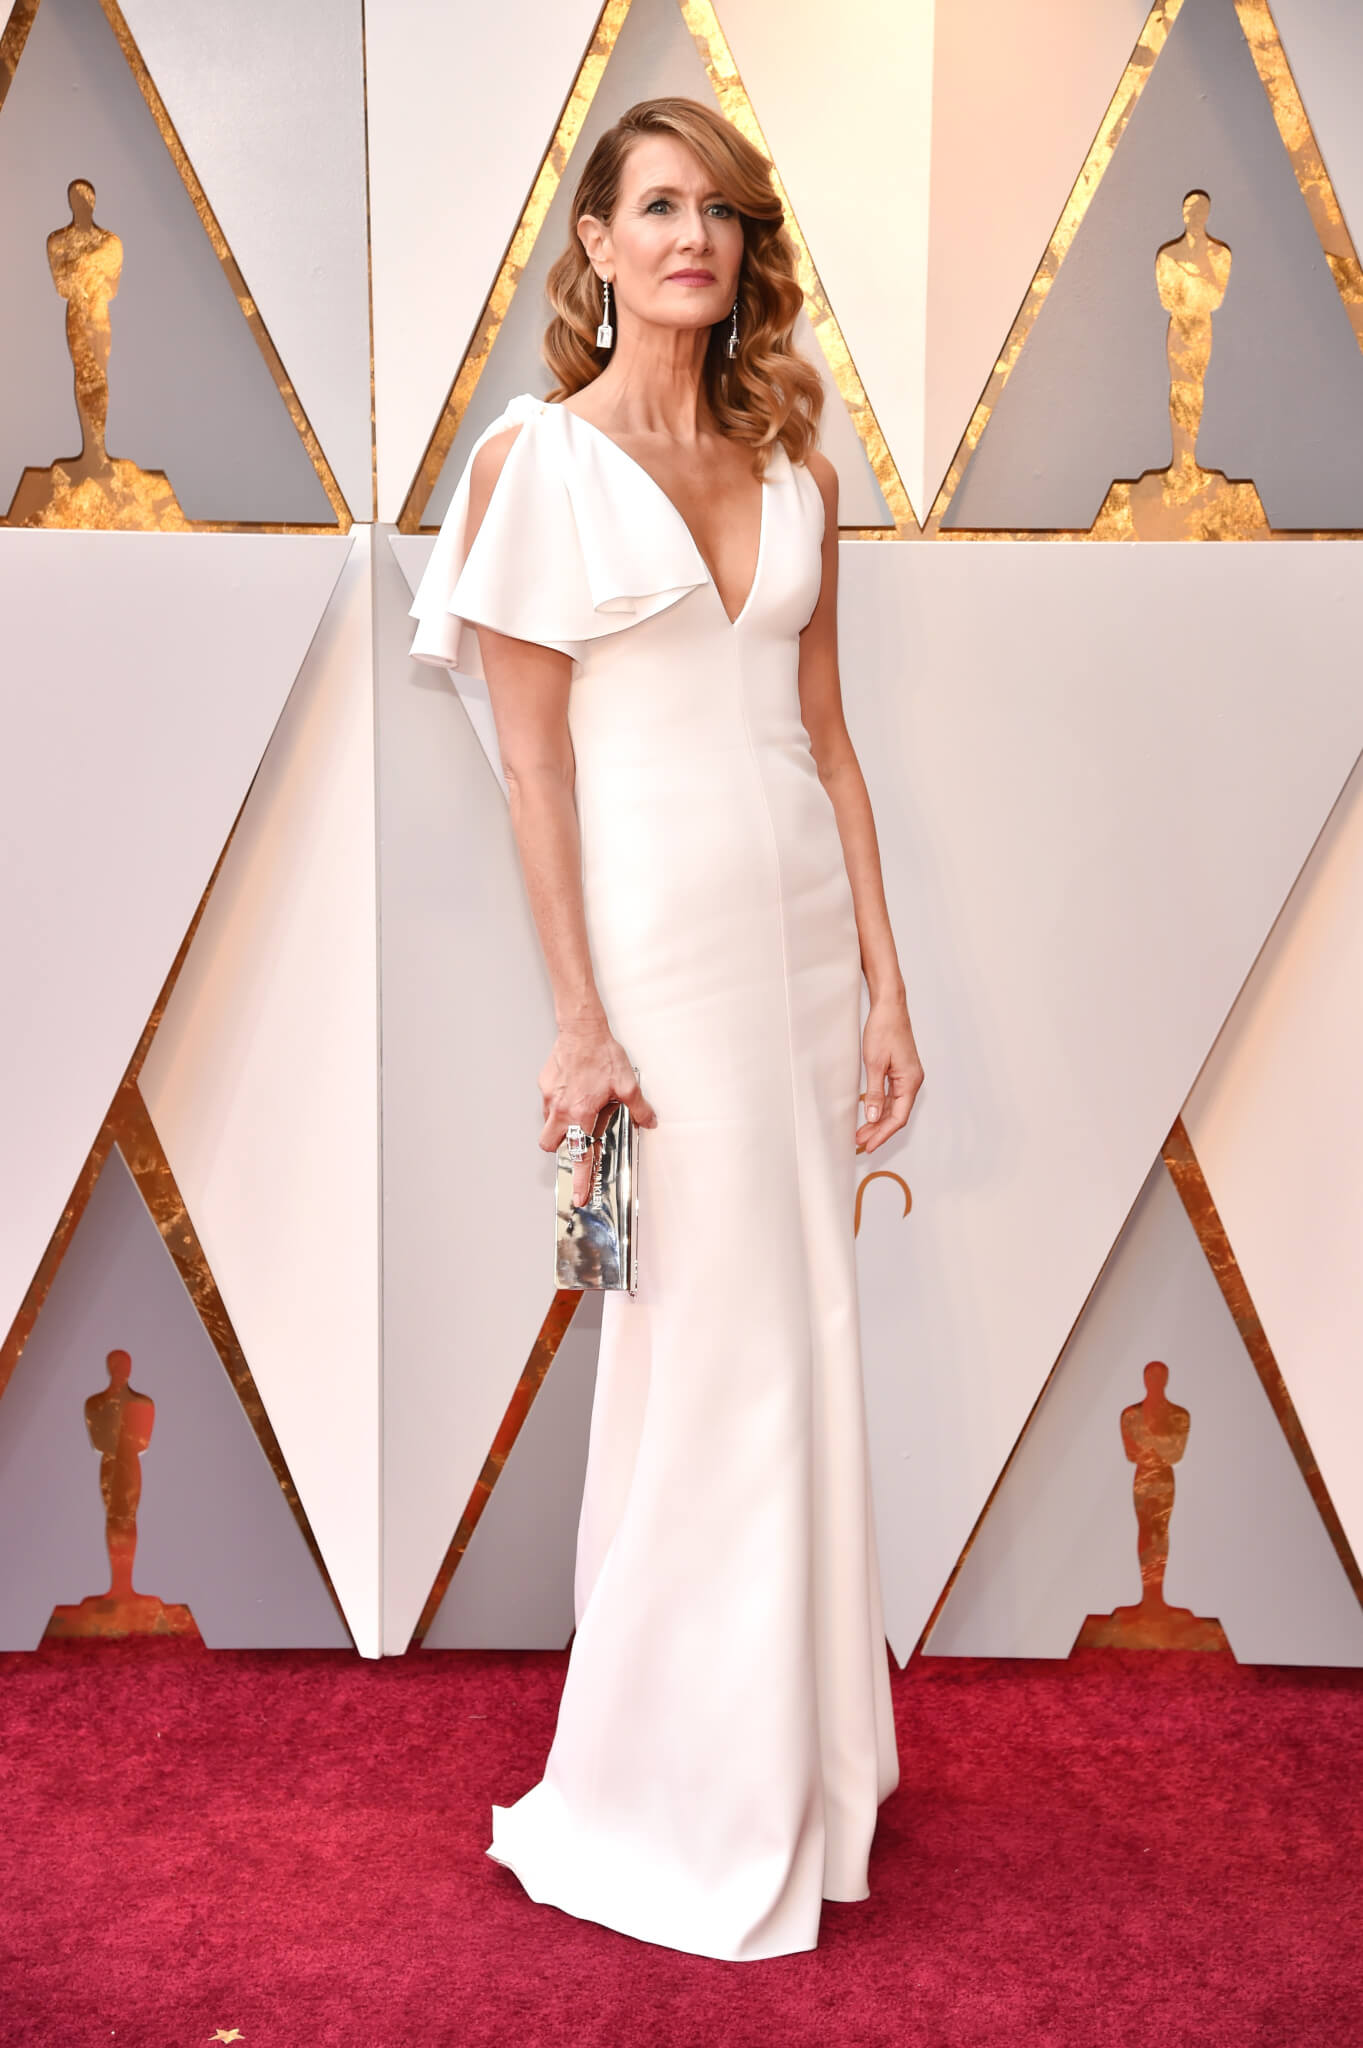 Oscars 2018 - Laura Dern